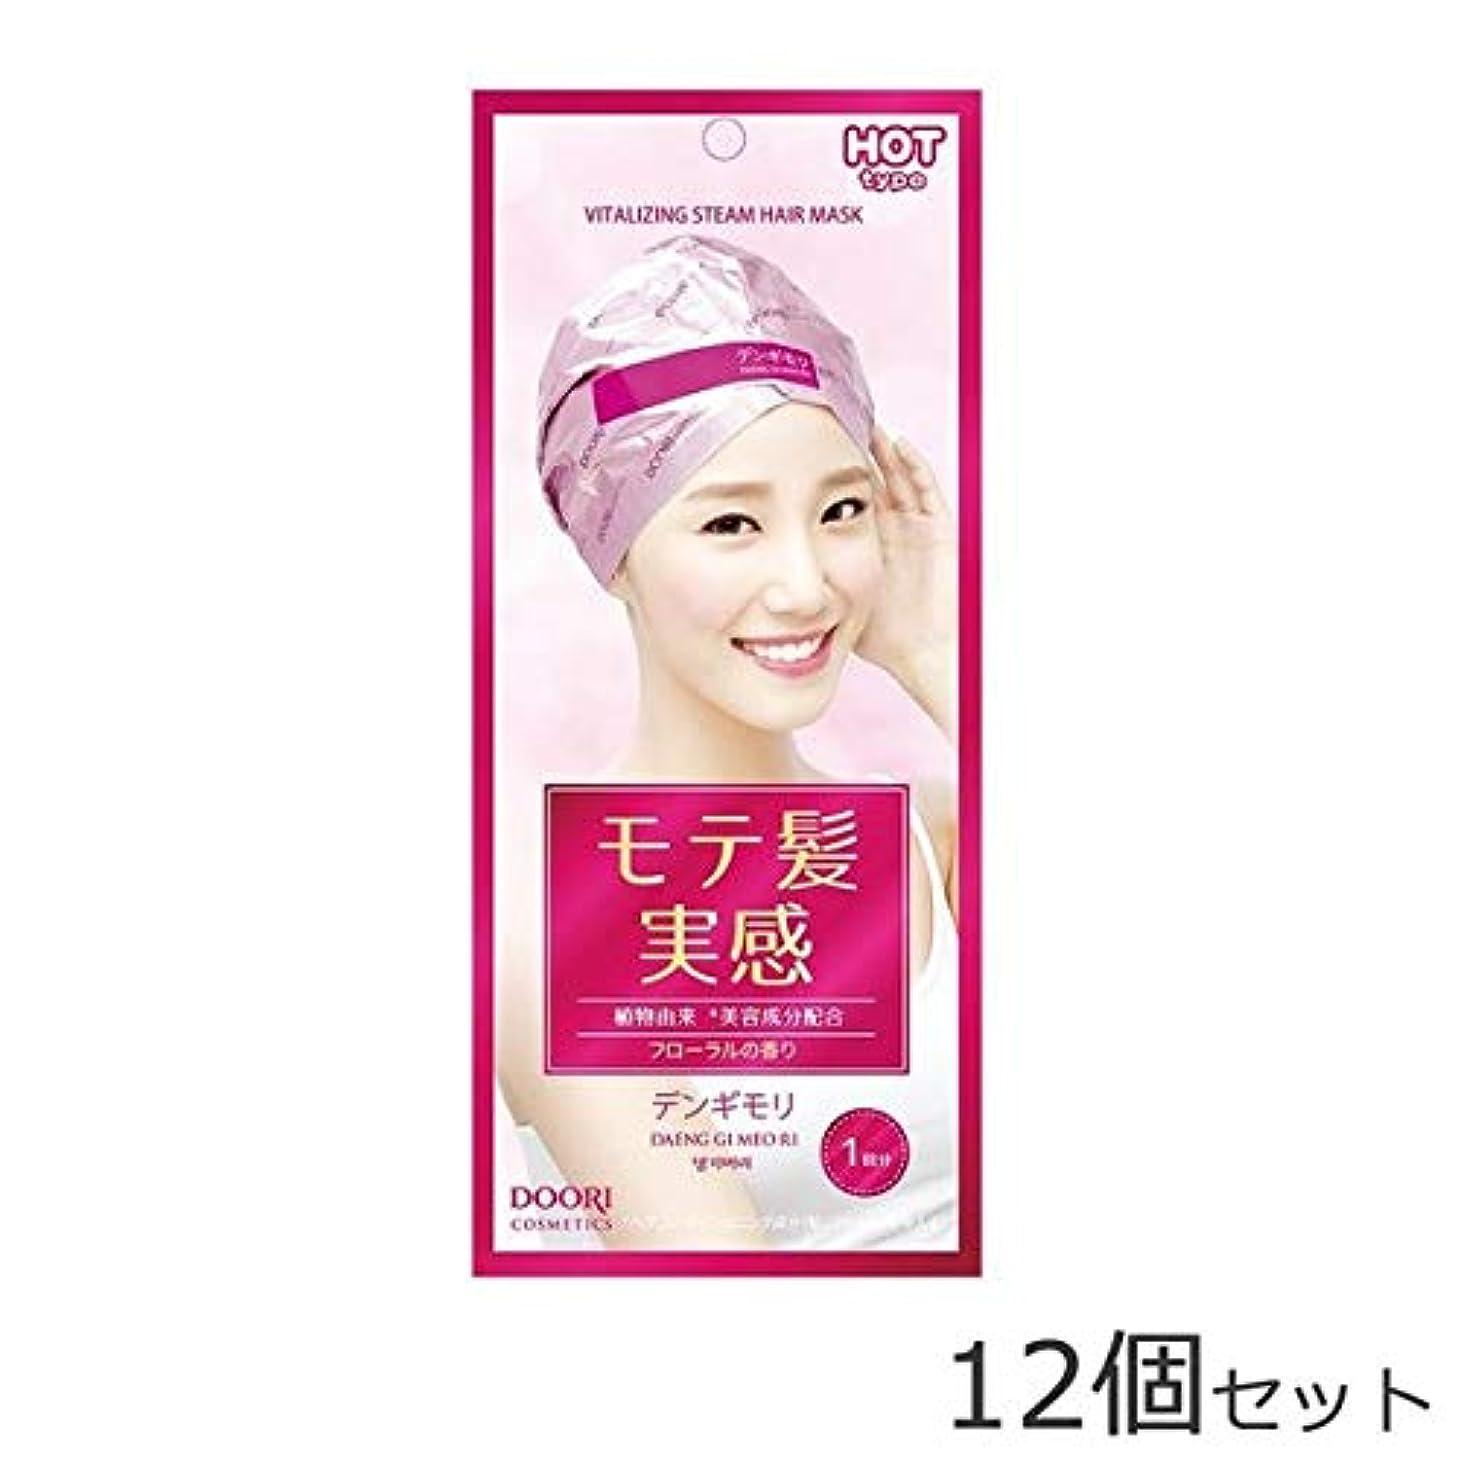 不定騒乱不利デンギモリ 珍気 集中ヘアマスク(洗い流すヘアトリートメント) ホットタイプ 12個セット (マスクで簡単にサロンケア)